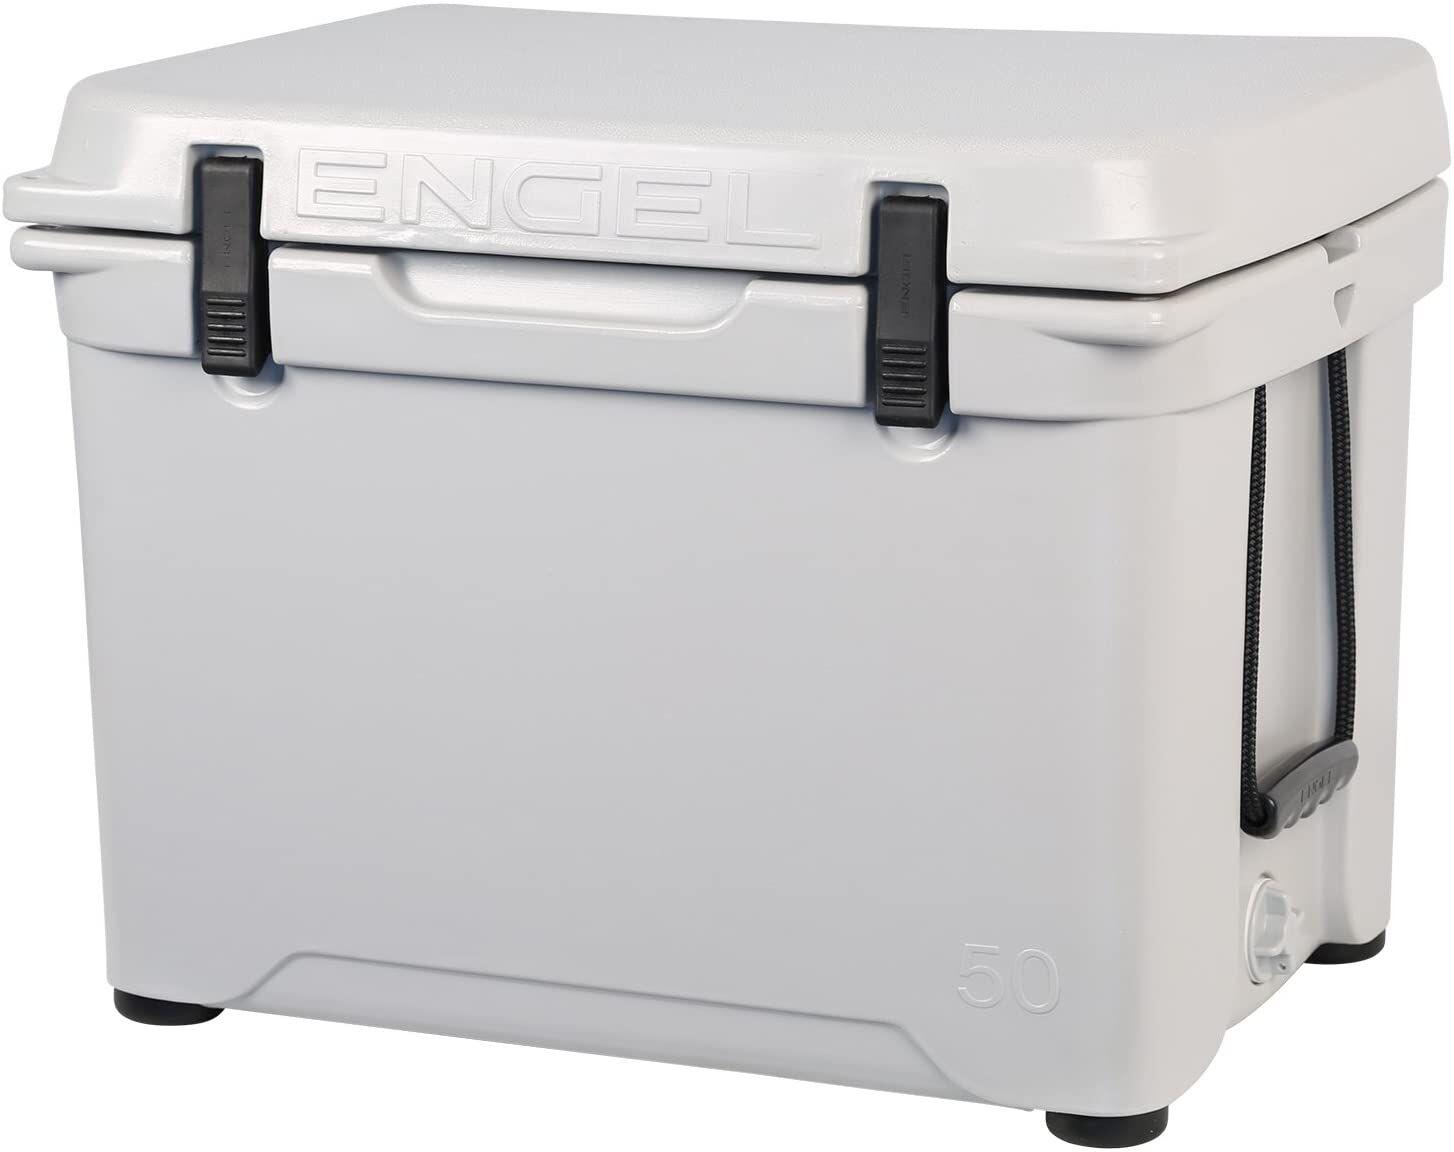 Engel ENG50 High-Performance Cooler